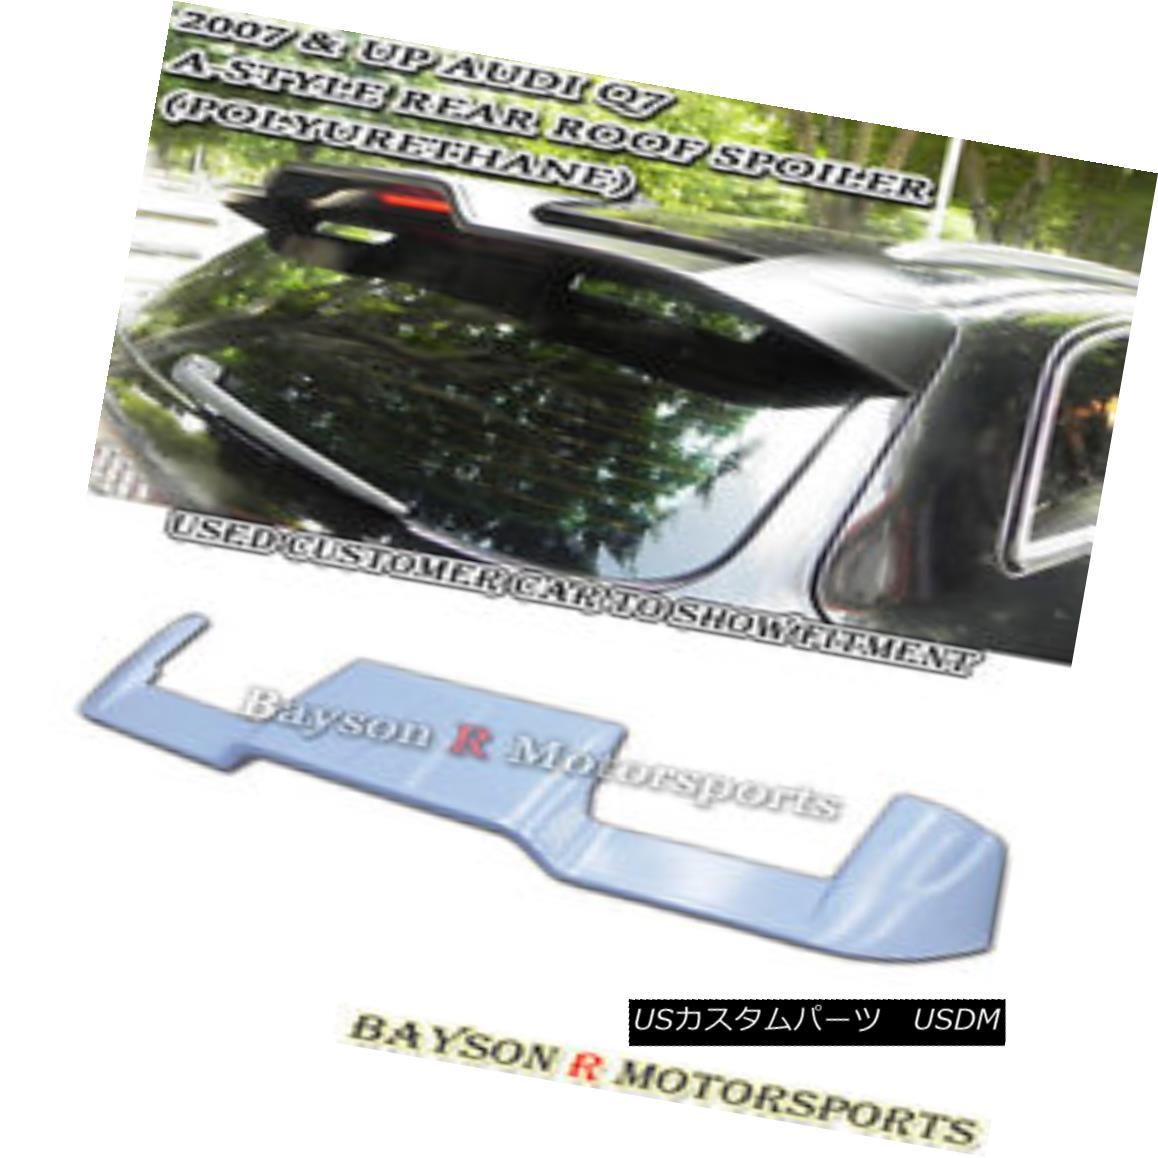 エアロパーツ A-Style Rear Roof Spoiler Wing (Urethane) Fits 05-15 Audi Q7 A-Styleリアルーフスポイラーウイング(ウレタン)フィット05-15 Audi Q7